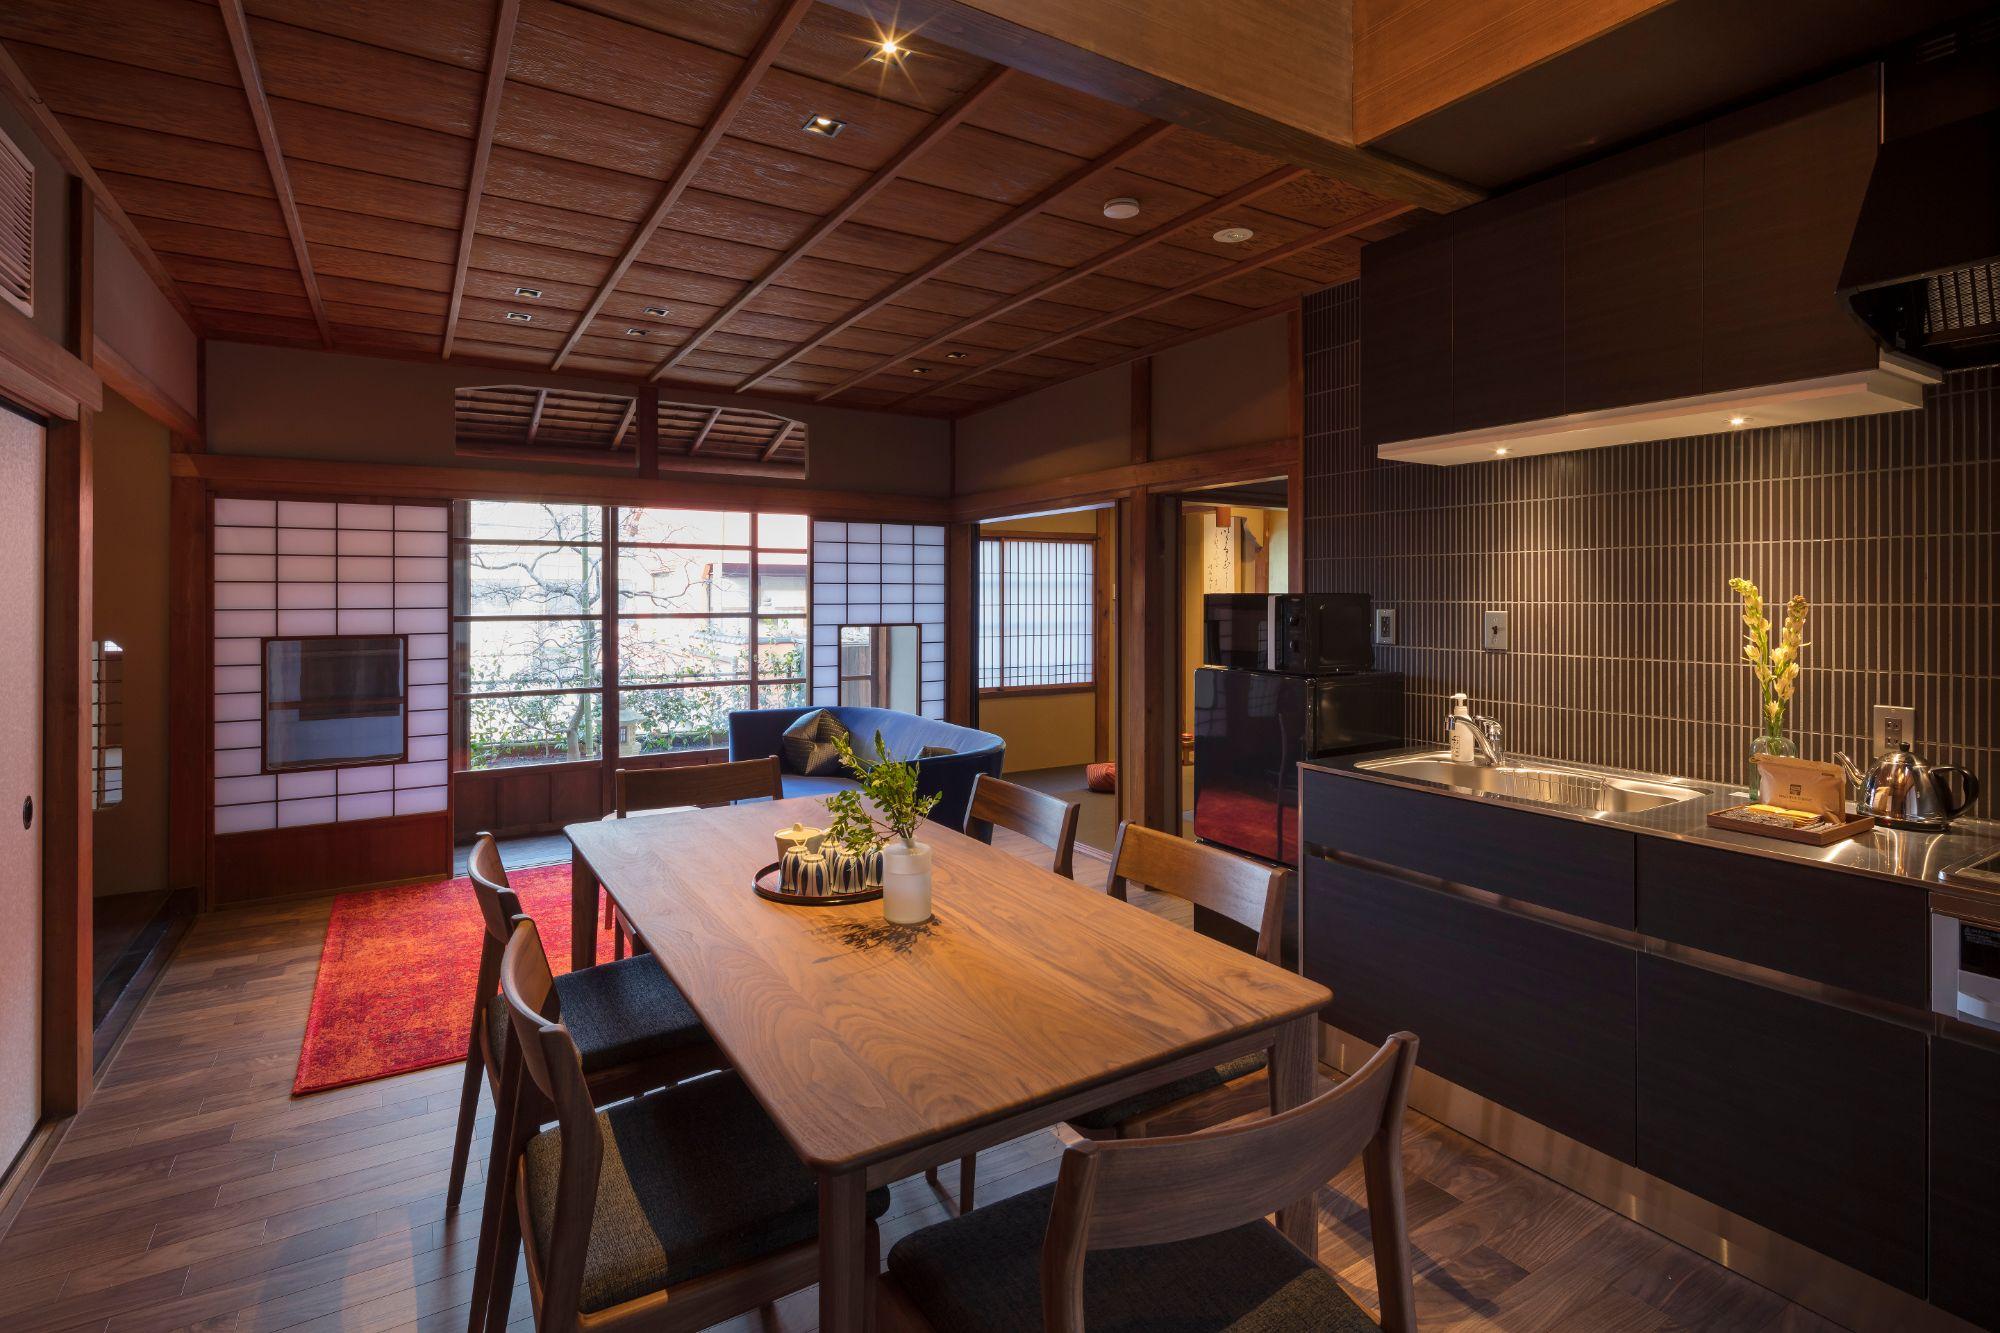 【公式】金沢|町家レジデンスイン1棟貸切り宿泊施設(町屋)